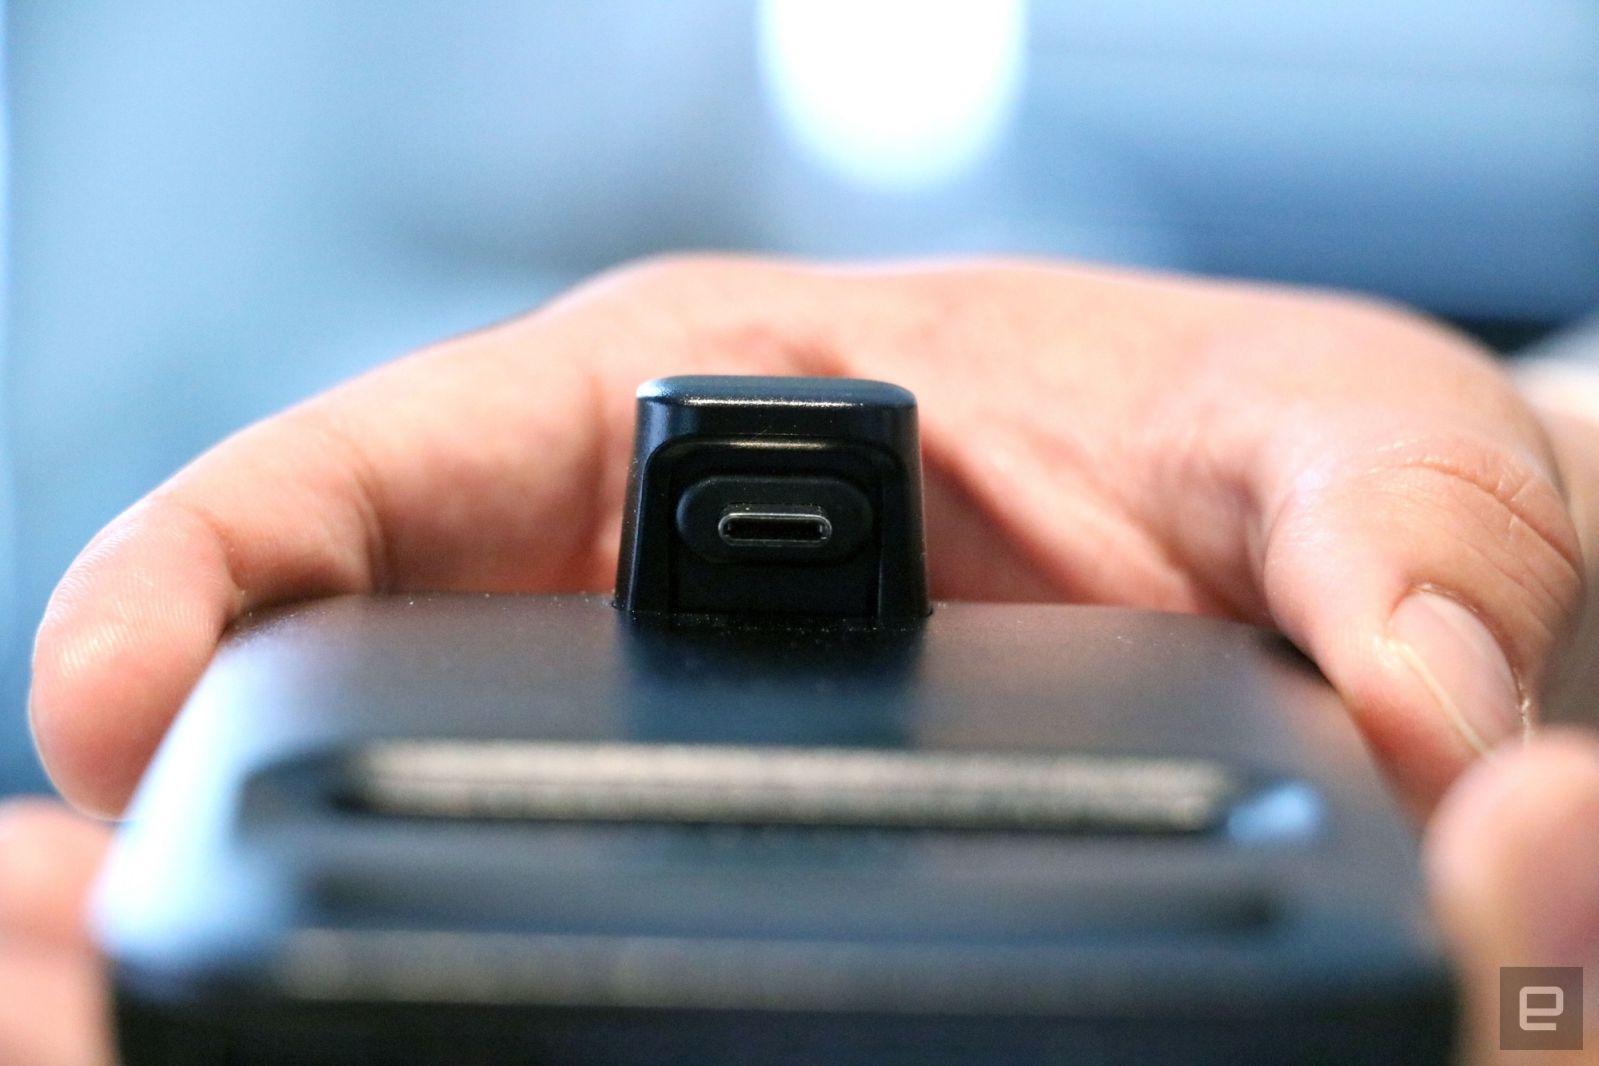 갤럭시S9, 갤럭시S9 덱스패드, 덱스패드, 덱스 스테이션, GALAXY S9, IT, 리뷰, 모바일, 갤럭시S9 사은품